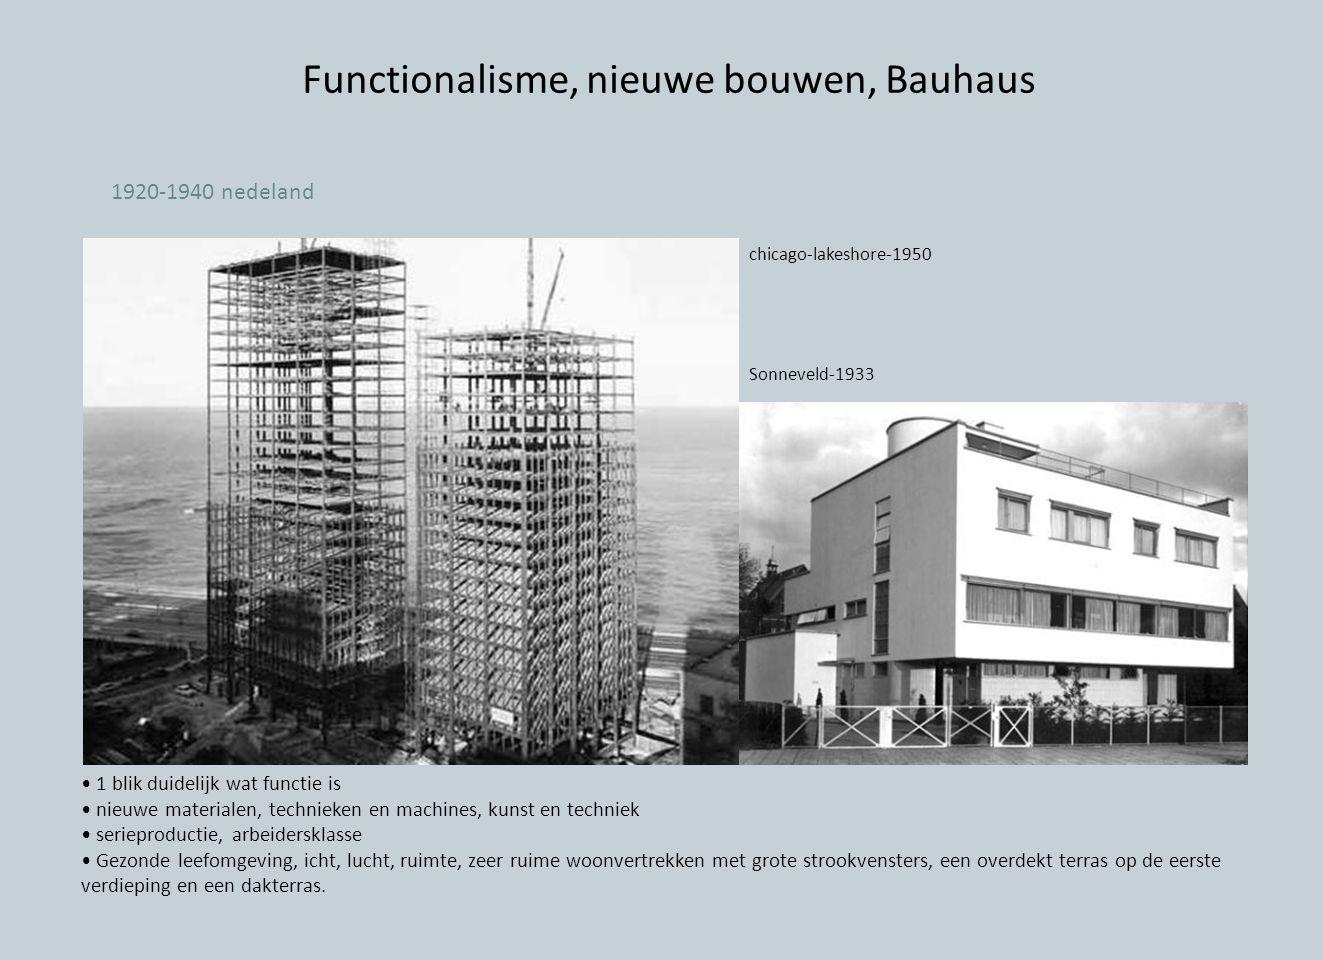 Functionalisme, nieuwe bouwen, Bauhaus